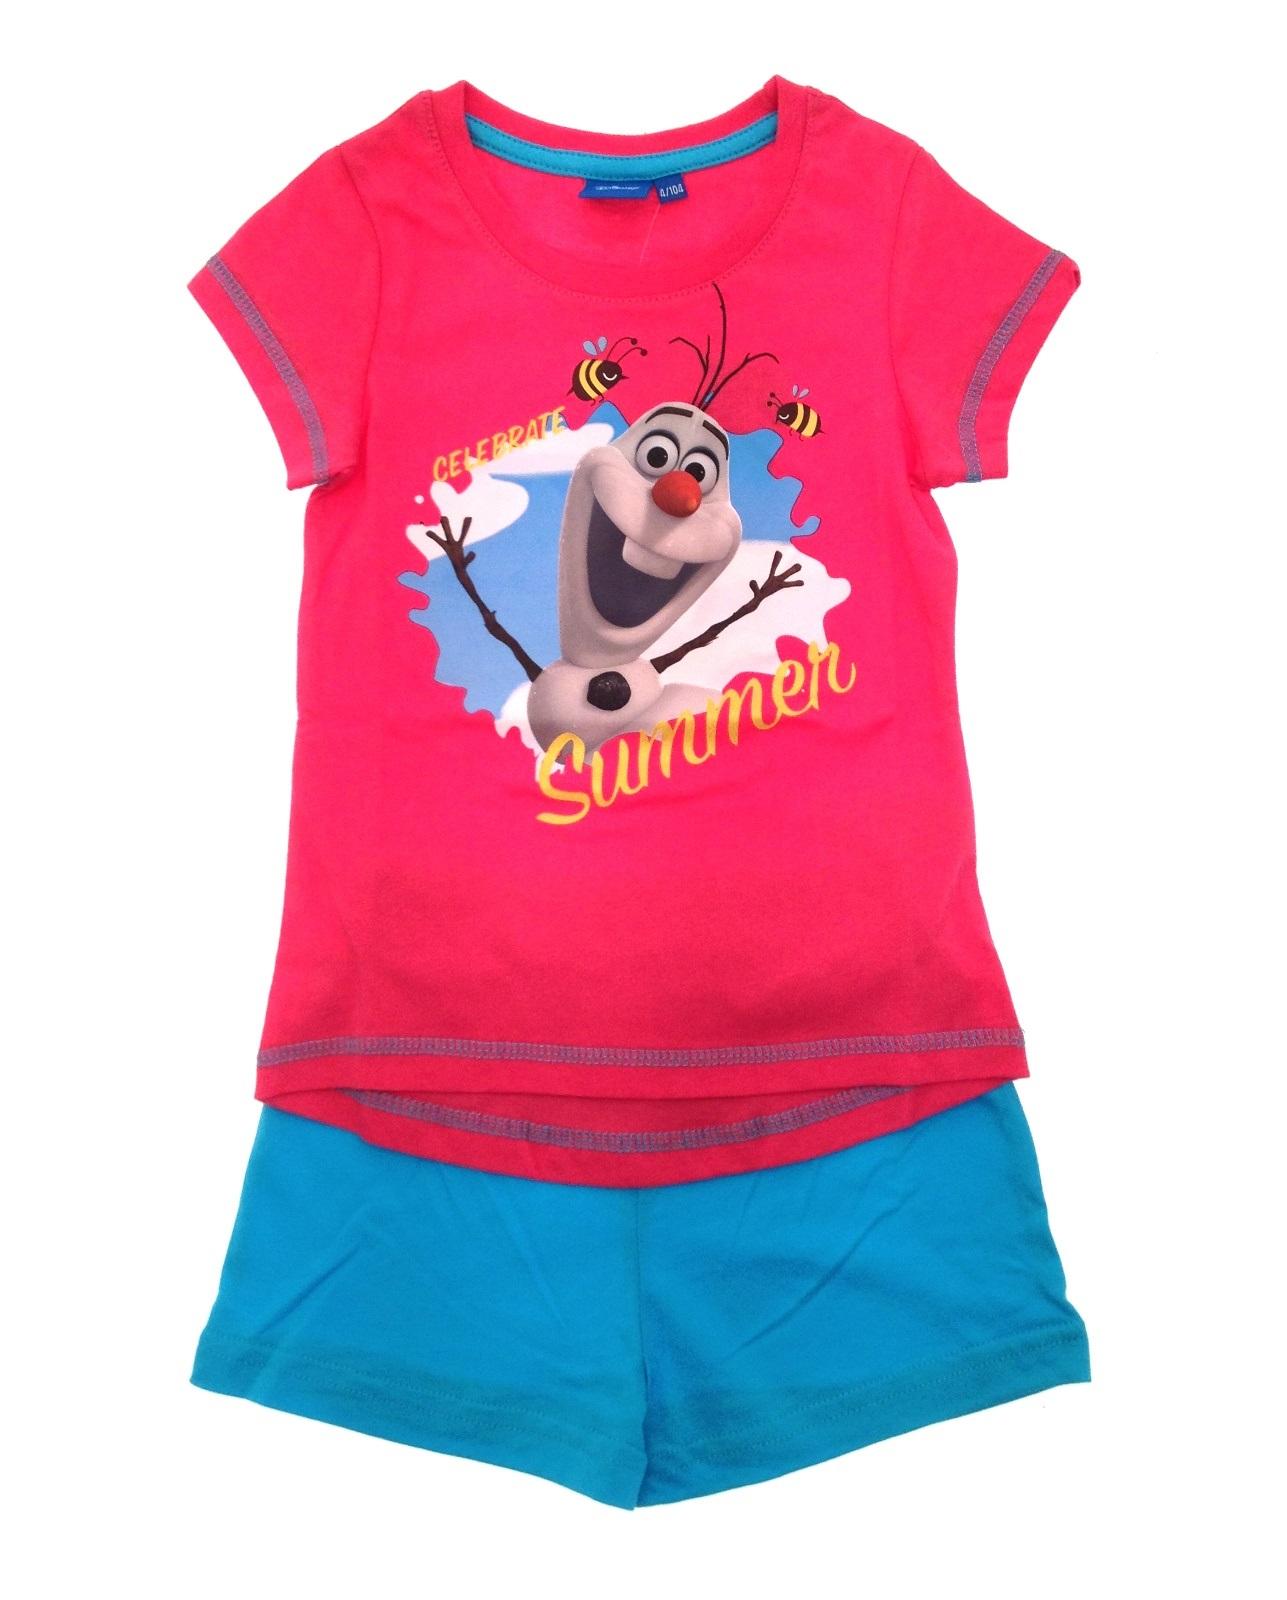 Enfants filles officiel disney frozen court pyjamas pyjama set 2 pièces taille 1-5 ans